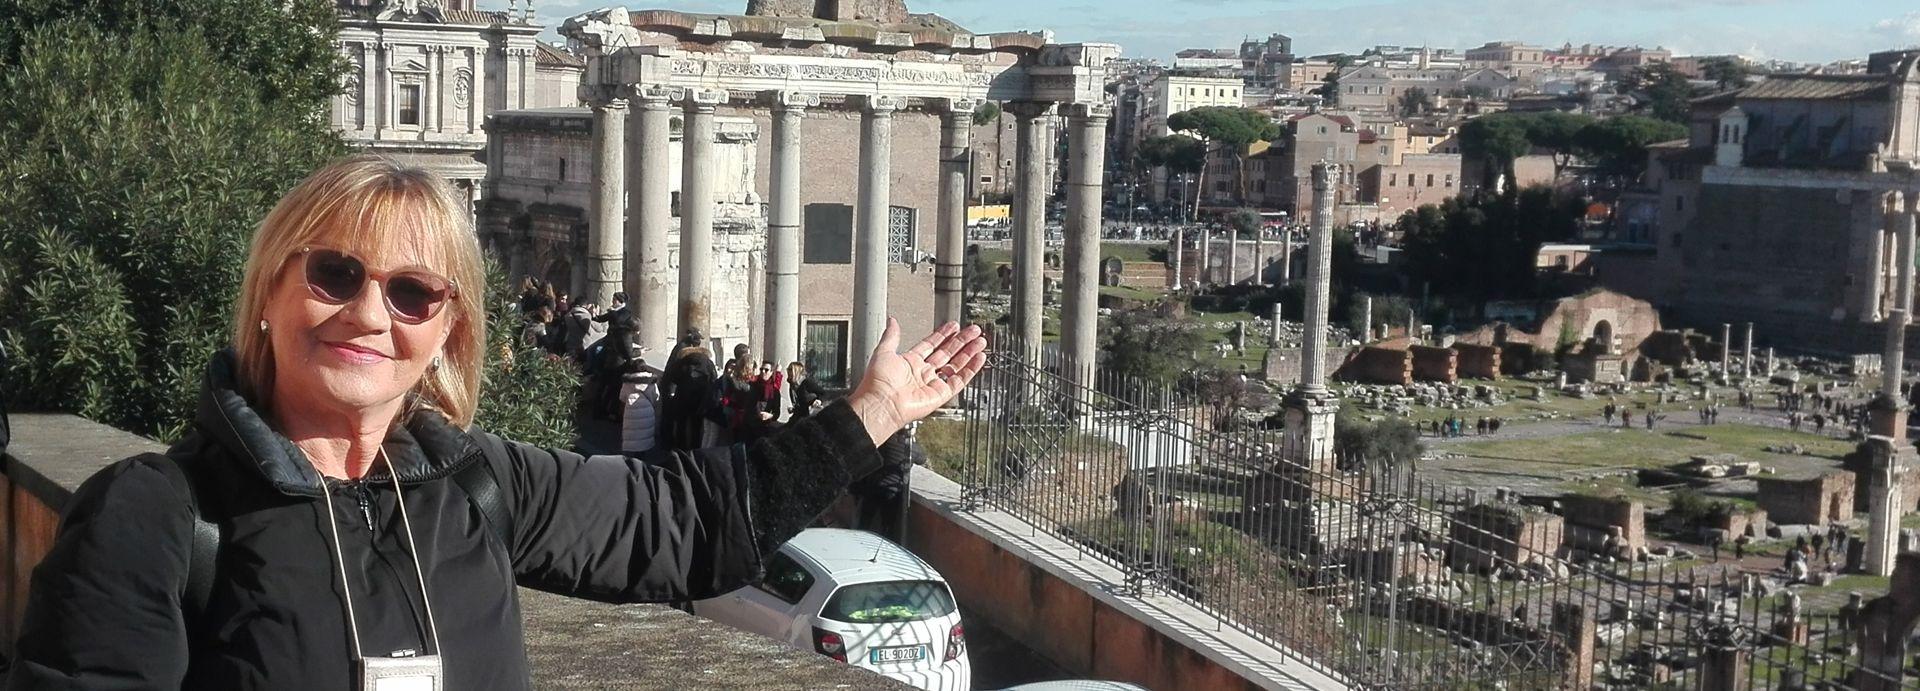 Aleksandra Marzyńska - Autoryzowany przewodnik po Rzymie i Watykanie